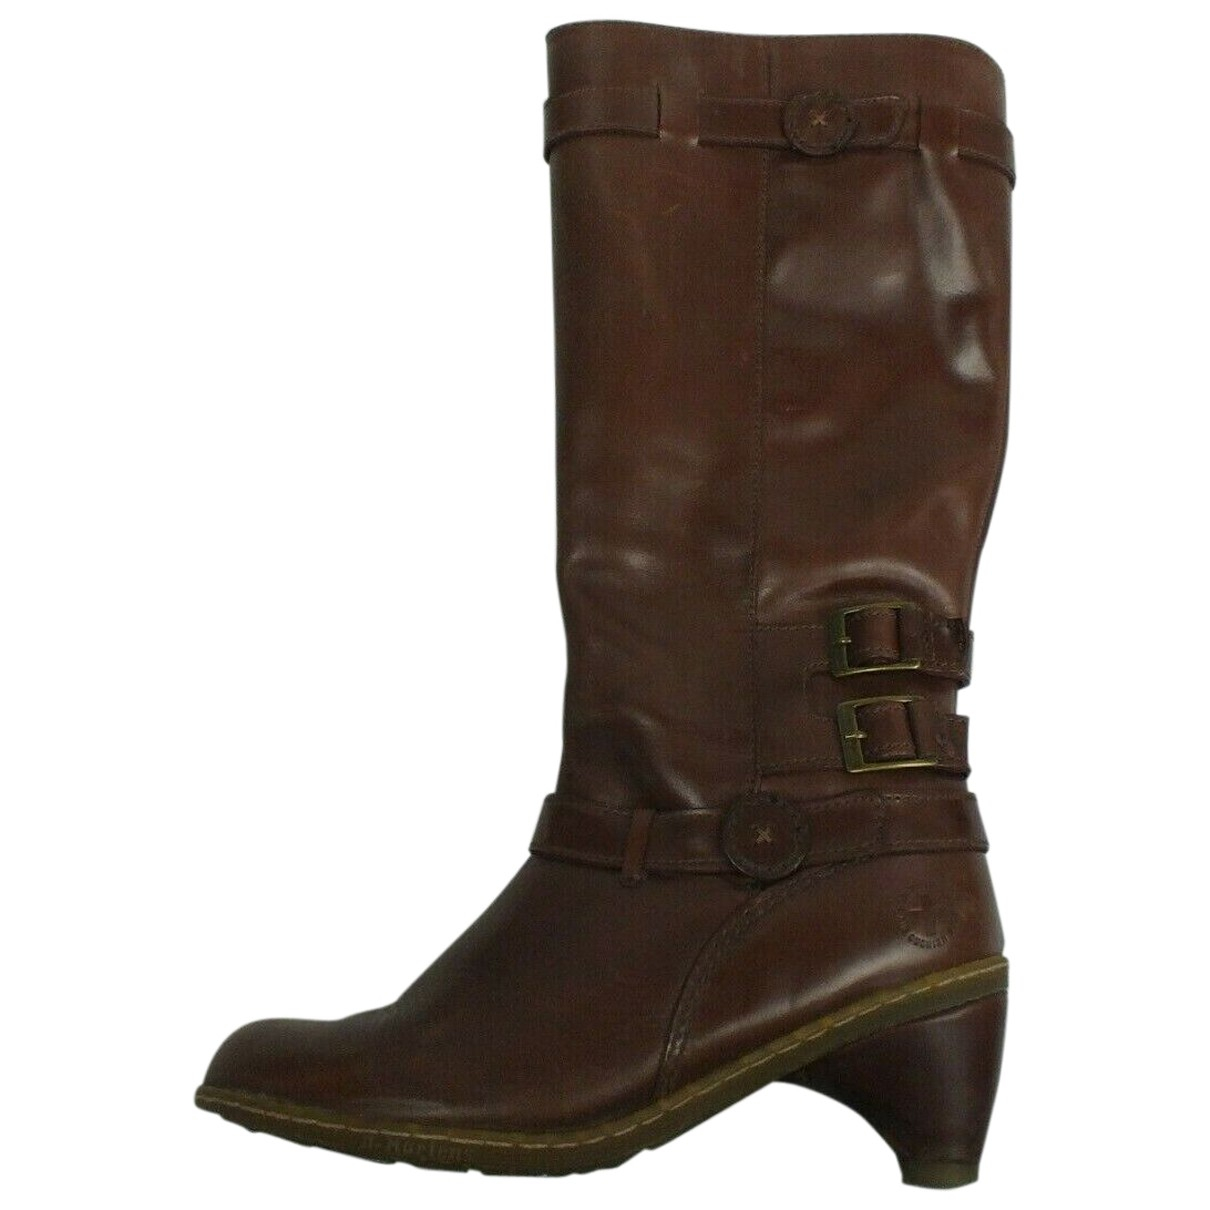 Dr. Martens - Bottes   pour femme en cuir - marron